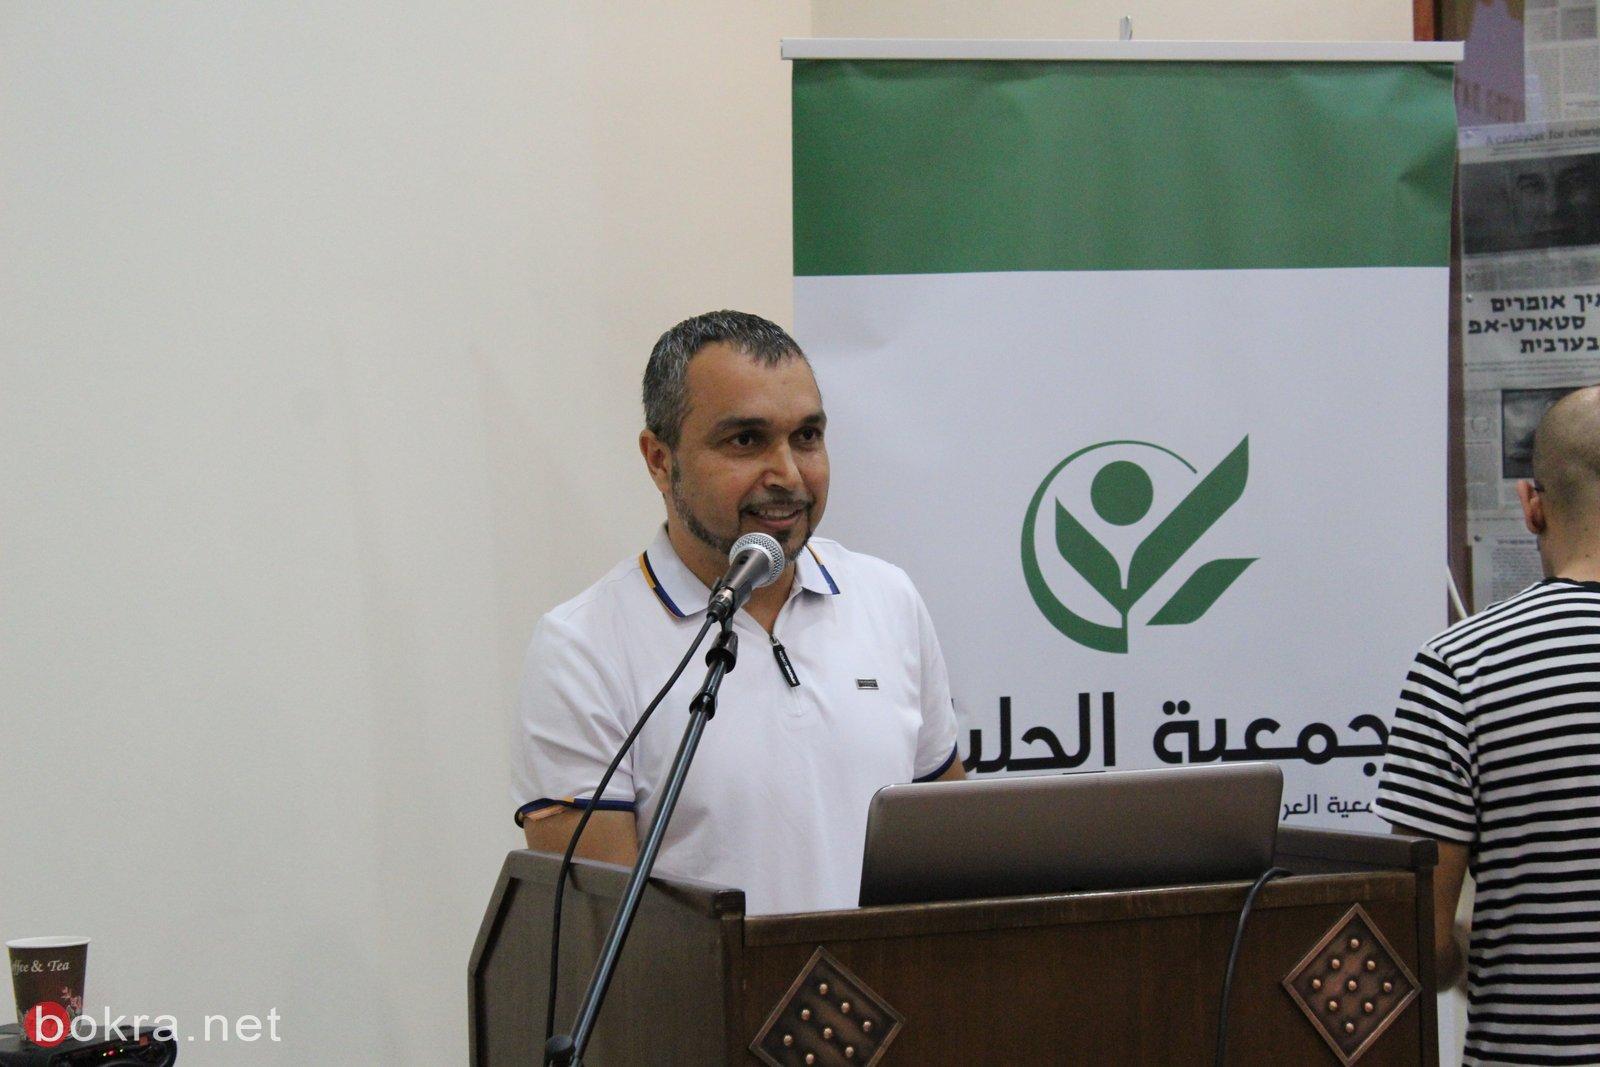 جمعية الجليل تطلق مؤتمرها العلمي السنوي للعام 2019 -7